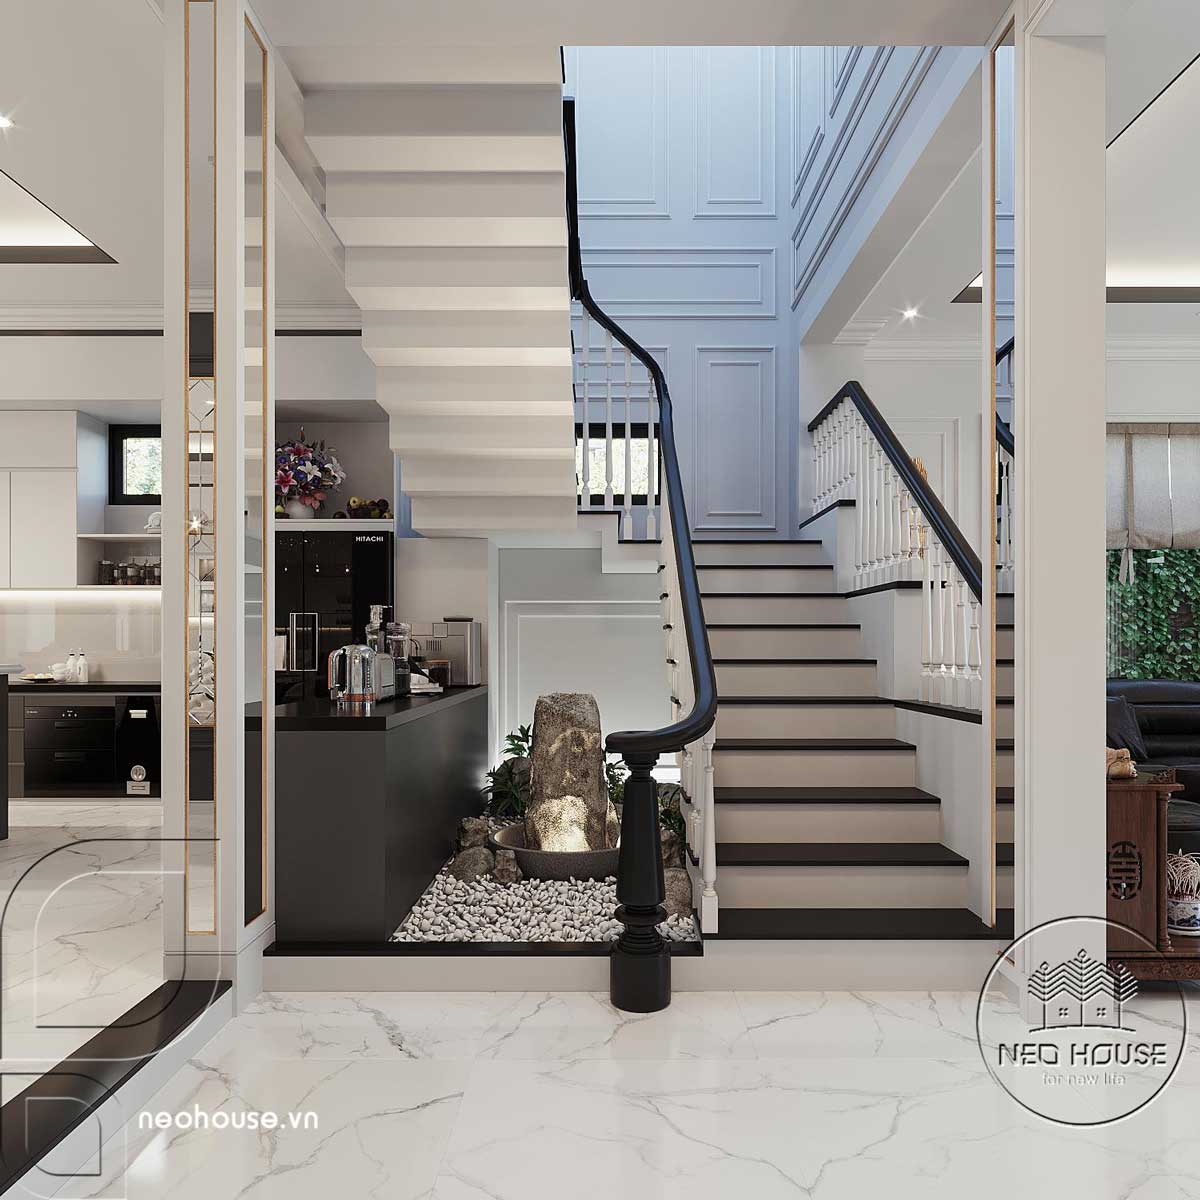 Mẫu thiết kế nội thất biệt thự 3 tầng tân cổ điển. Ảnh 4